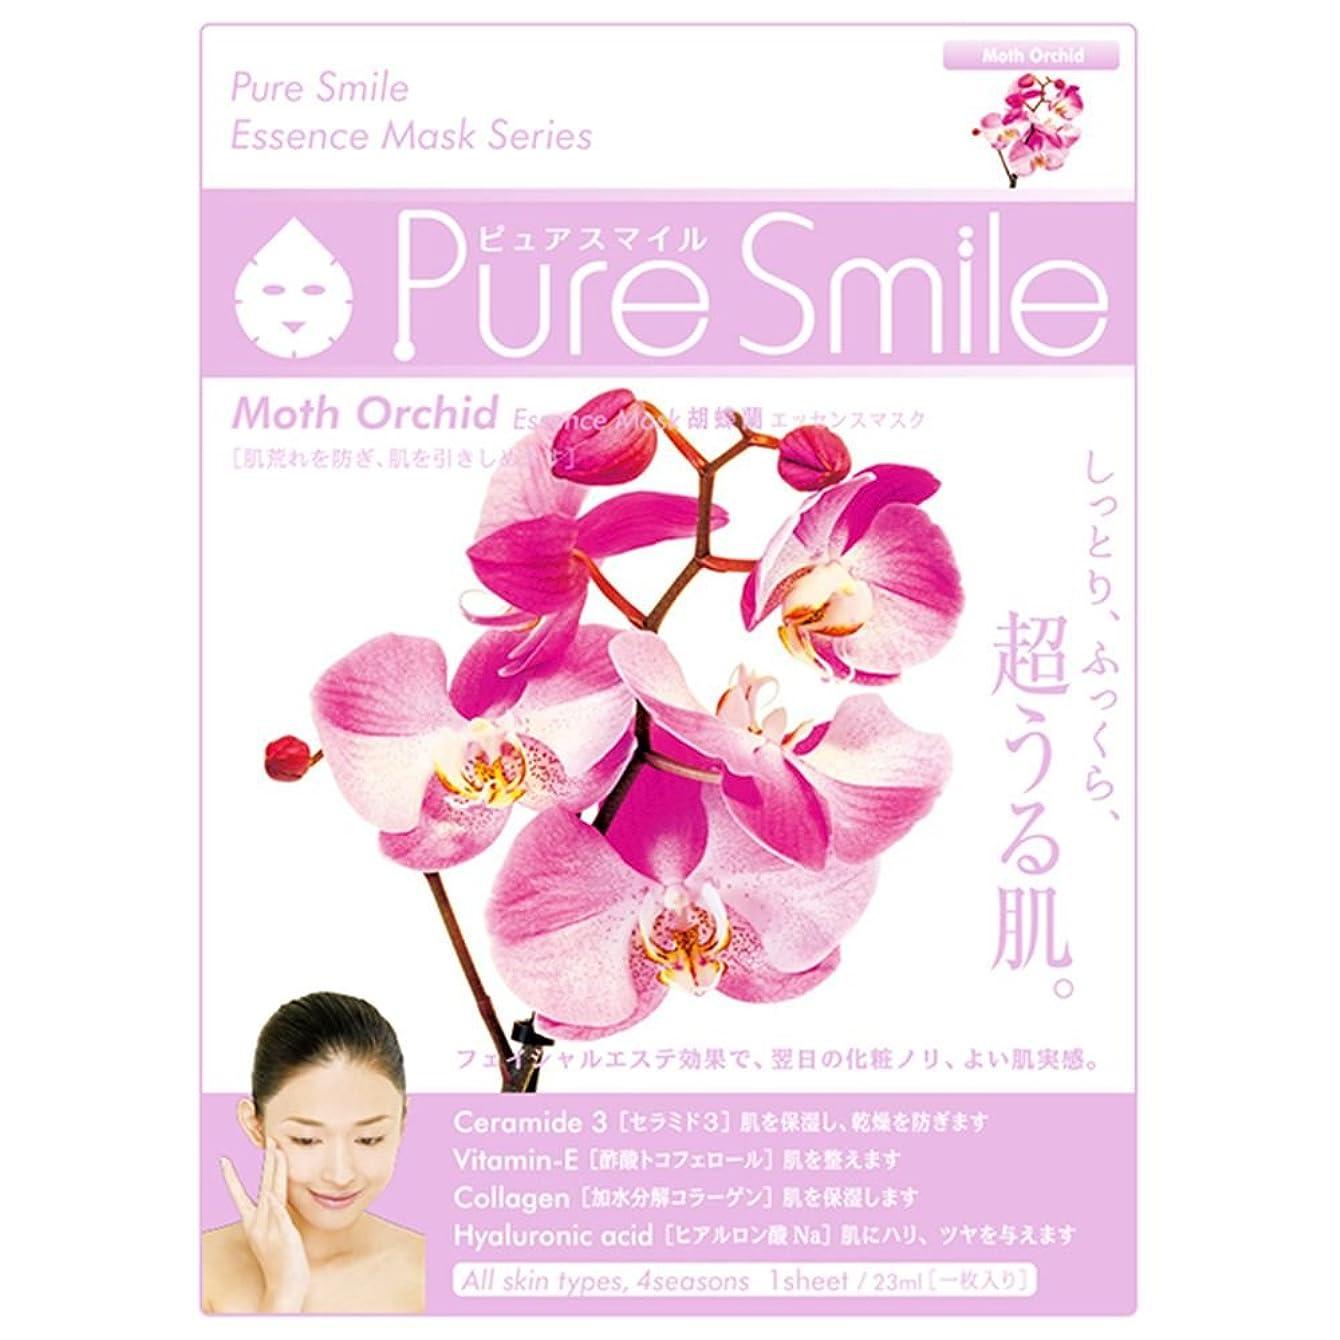 有益折使役Pure Smile/ピュアスマイル エッセンス/フェイスマスク 『Moth Orchid/胡蝶蘭』